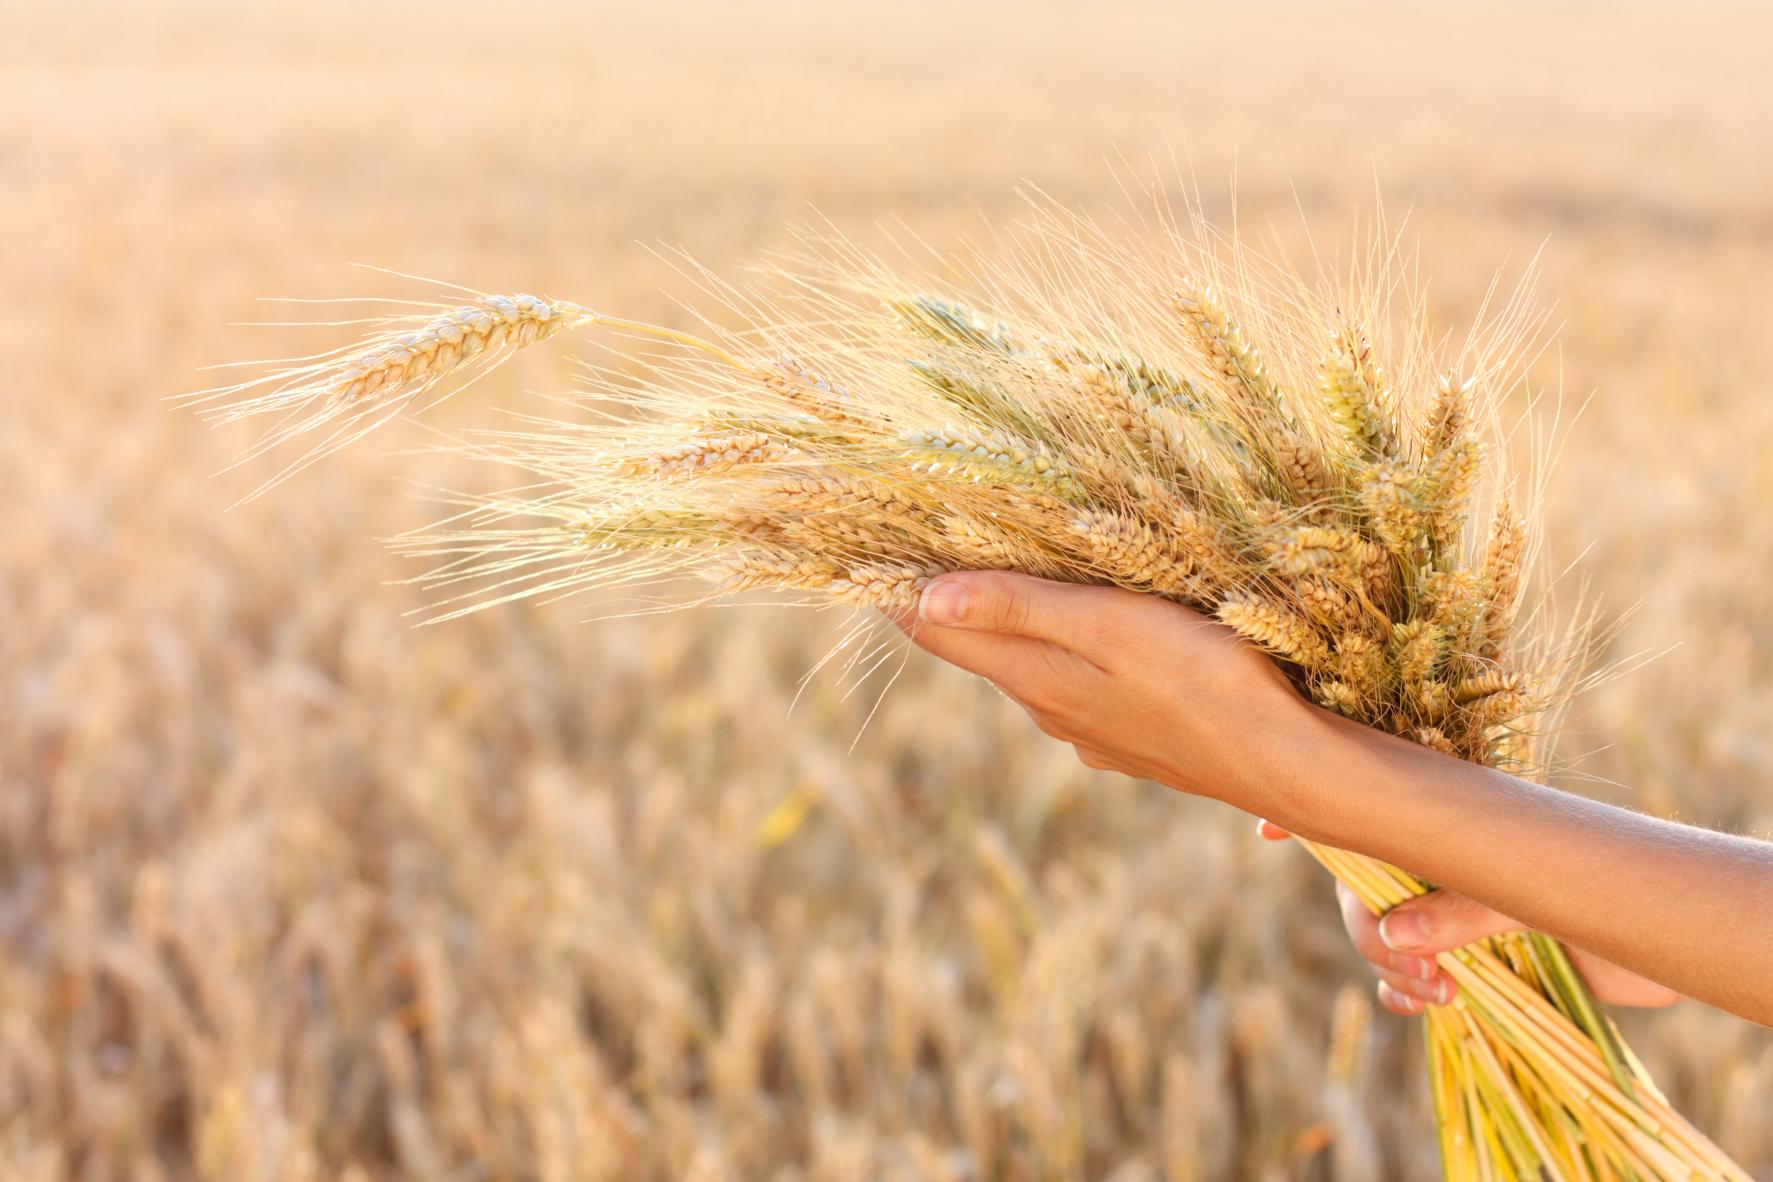 Ритуал на годовой достаток Семь полей - Тридевятое Царство